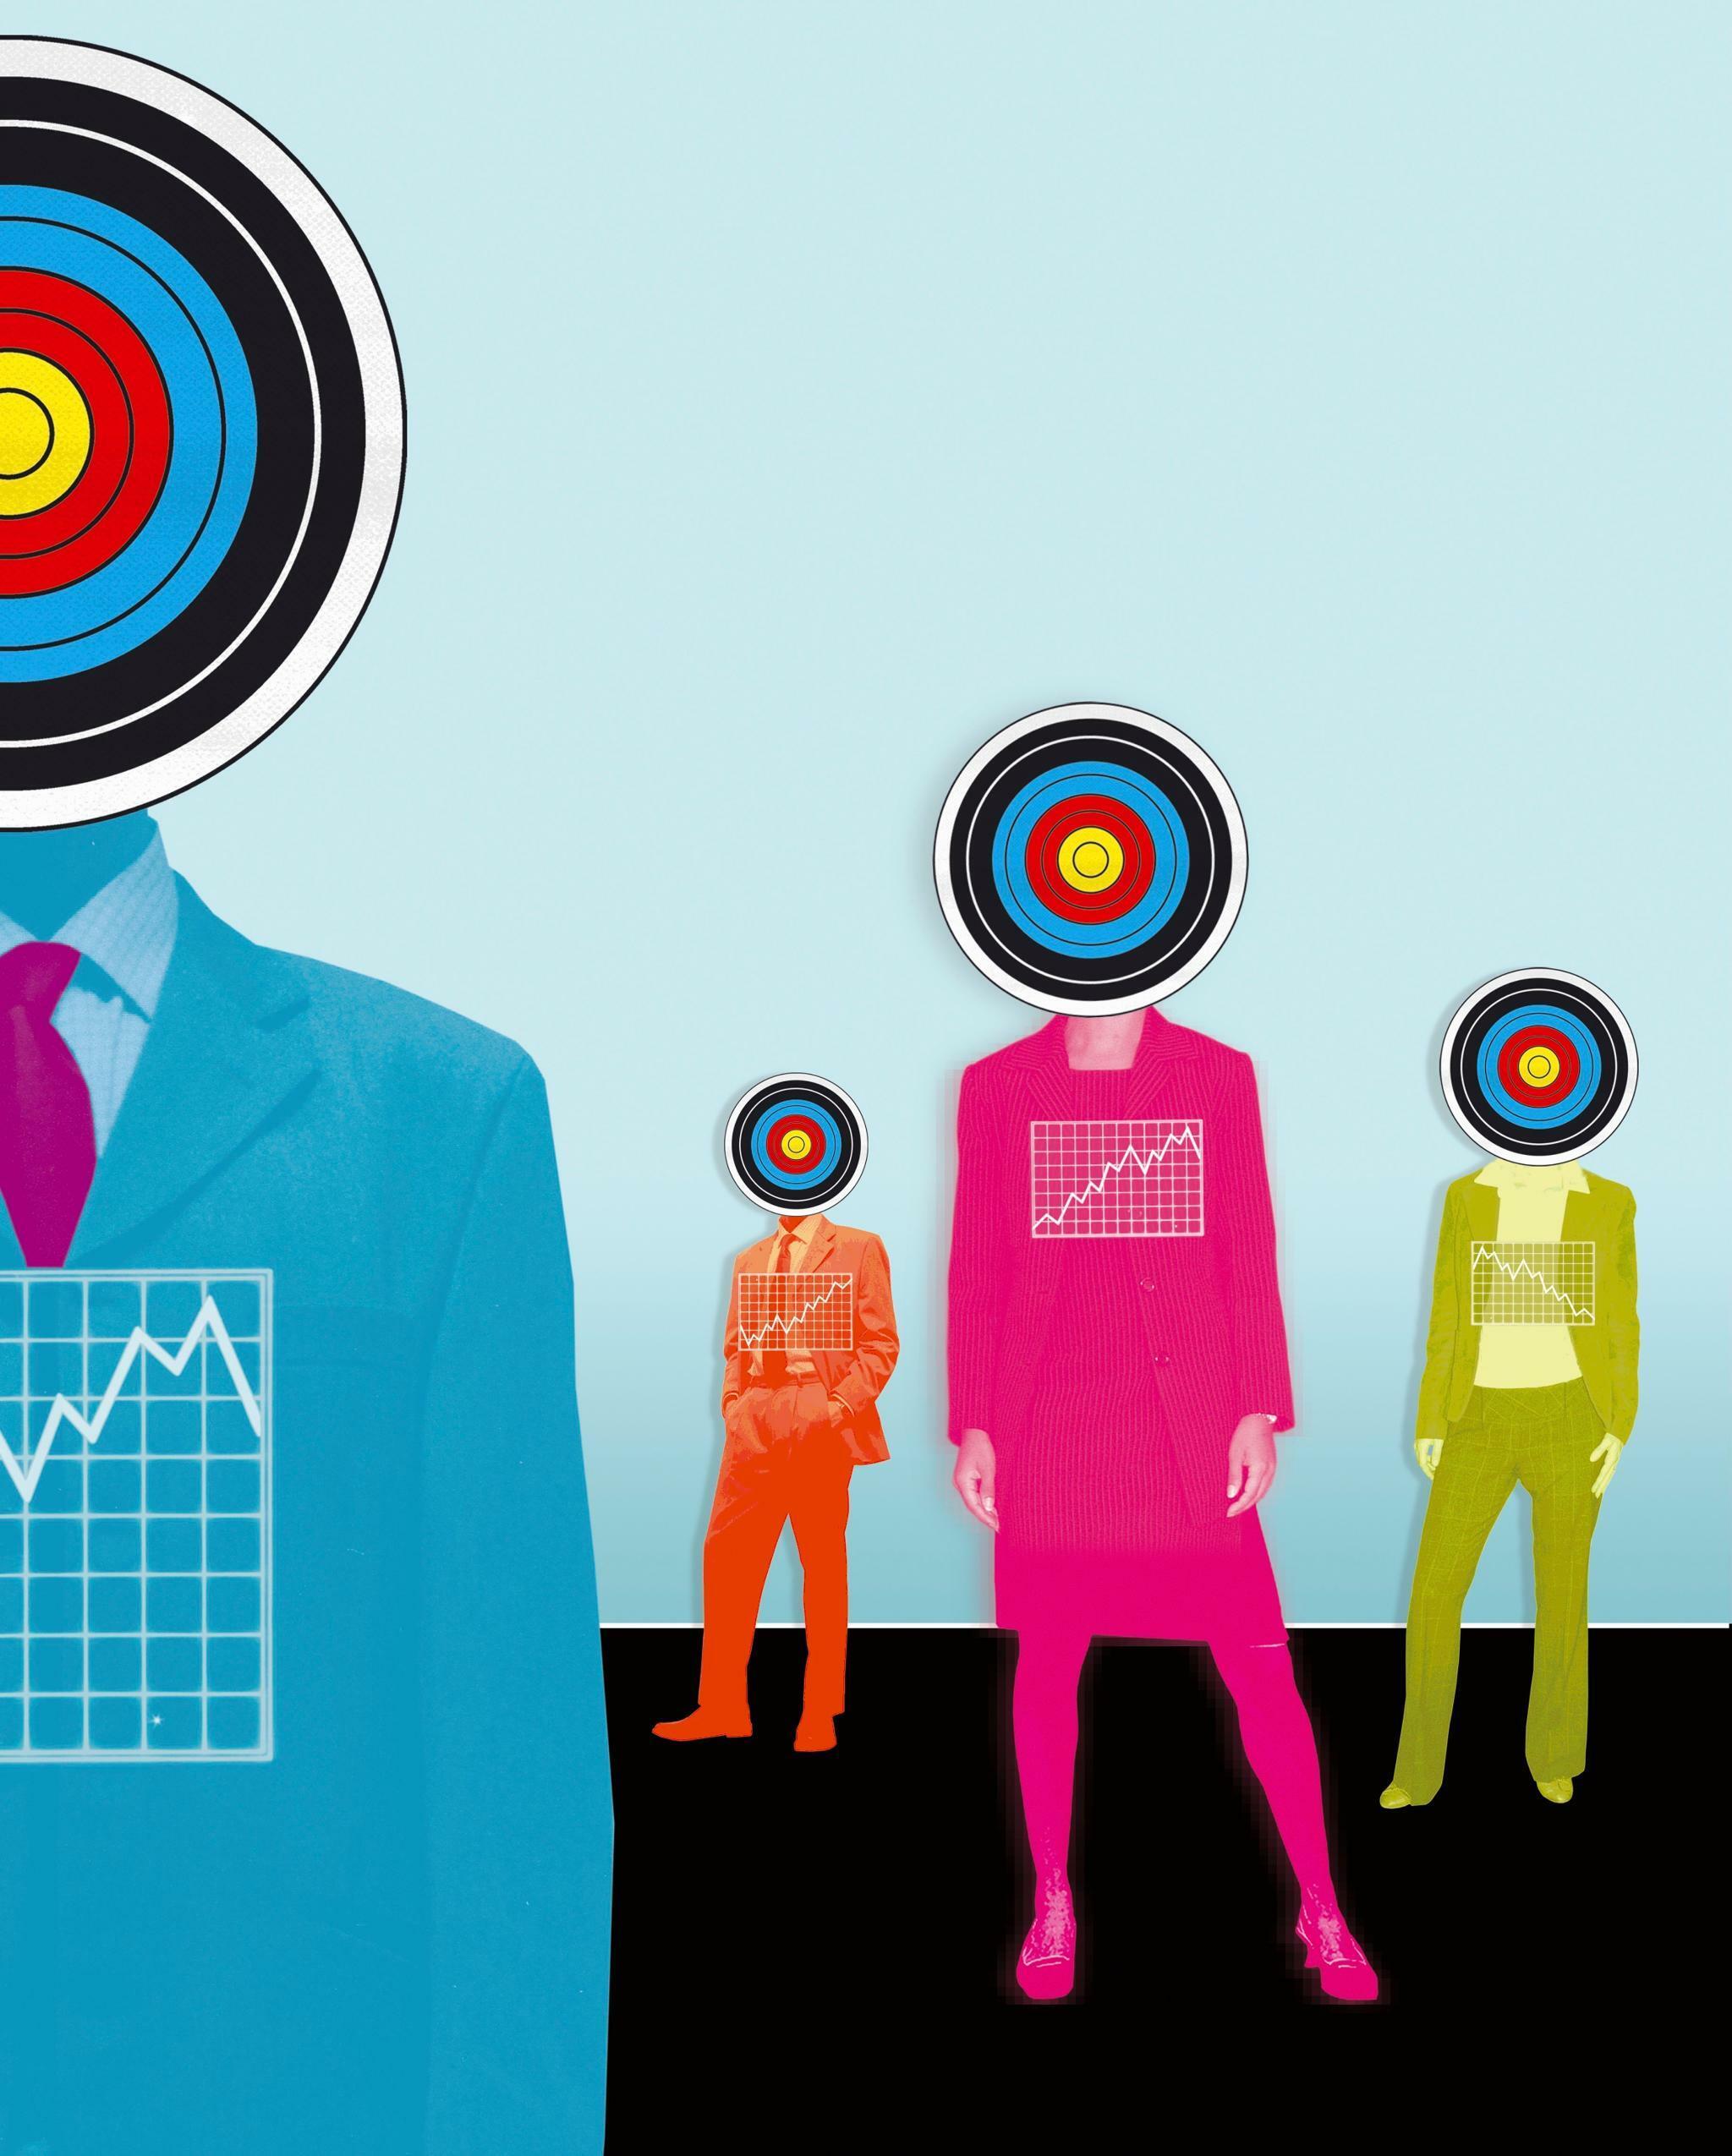 Amt im Vorstand oder Aufsichtsrat: Die rechtlichen Risiken